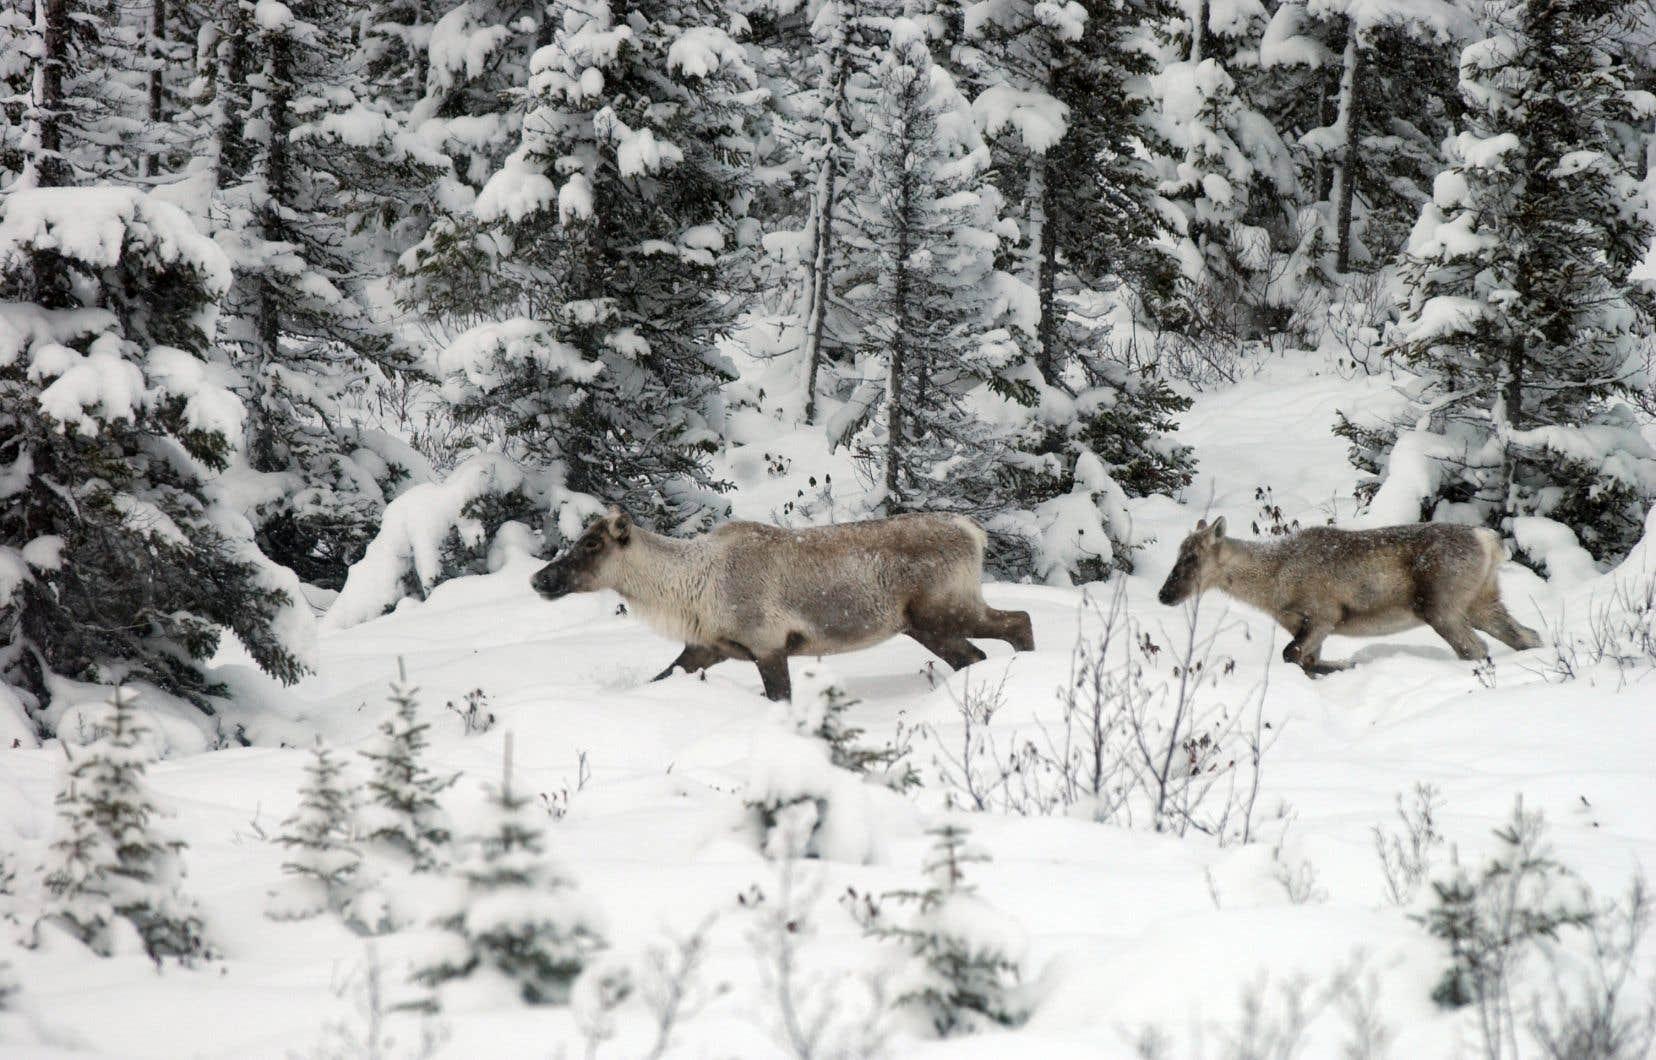 Il est vital d'assurer un habitat propice au caribou, pour le protéger des prédateurs.